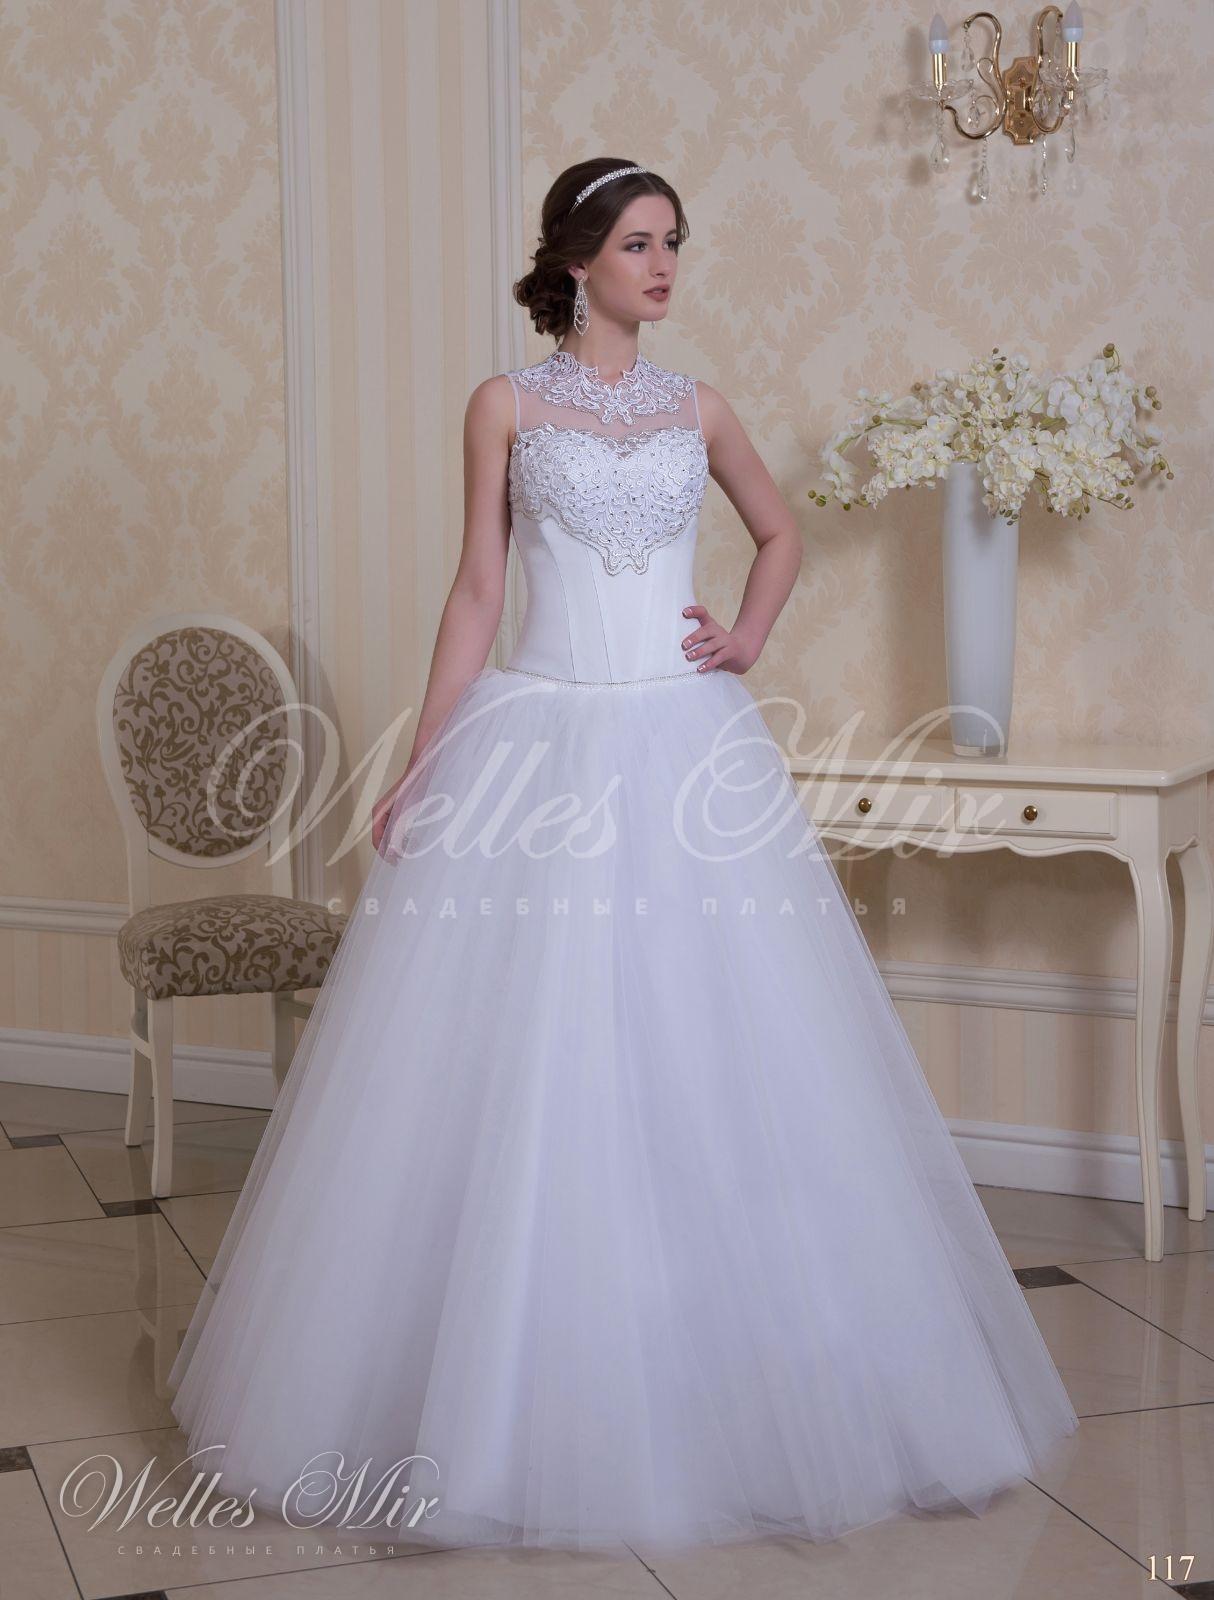 Свадебные платья Свадебные платья 3 - 117